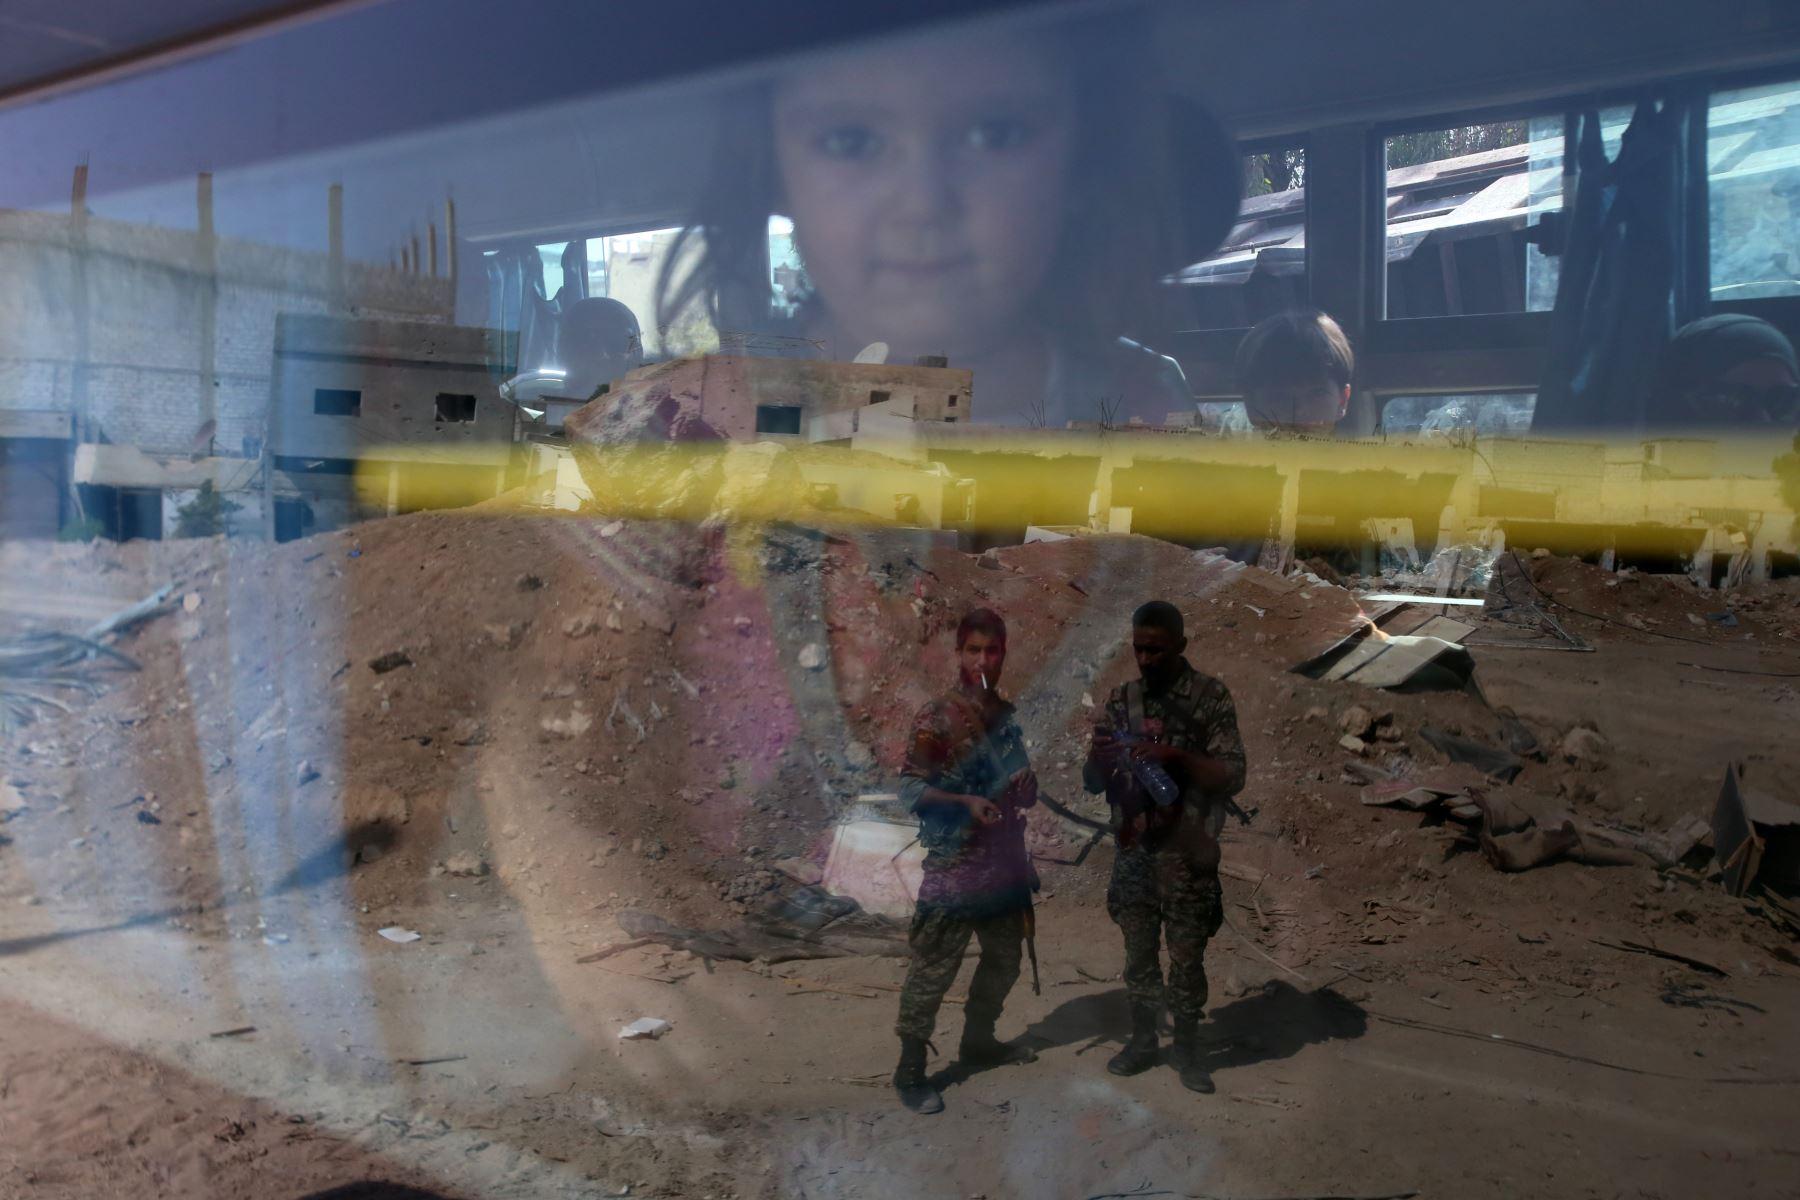 las tropas del gobierno sirio se ven reflejados en la ventana de un autobús que transportaba a las personas como parte de una evacuación de la ciudad de Daraya fuera de la capital Damasco  en virtud de un acuerdo alcanzado entre los combatientes del gobierno y de la oposición después de un ejército de cuatro años cerco. Foto: AFP